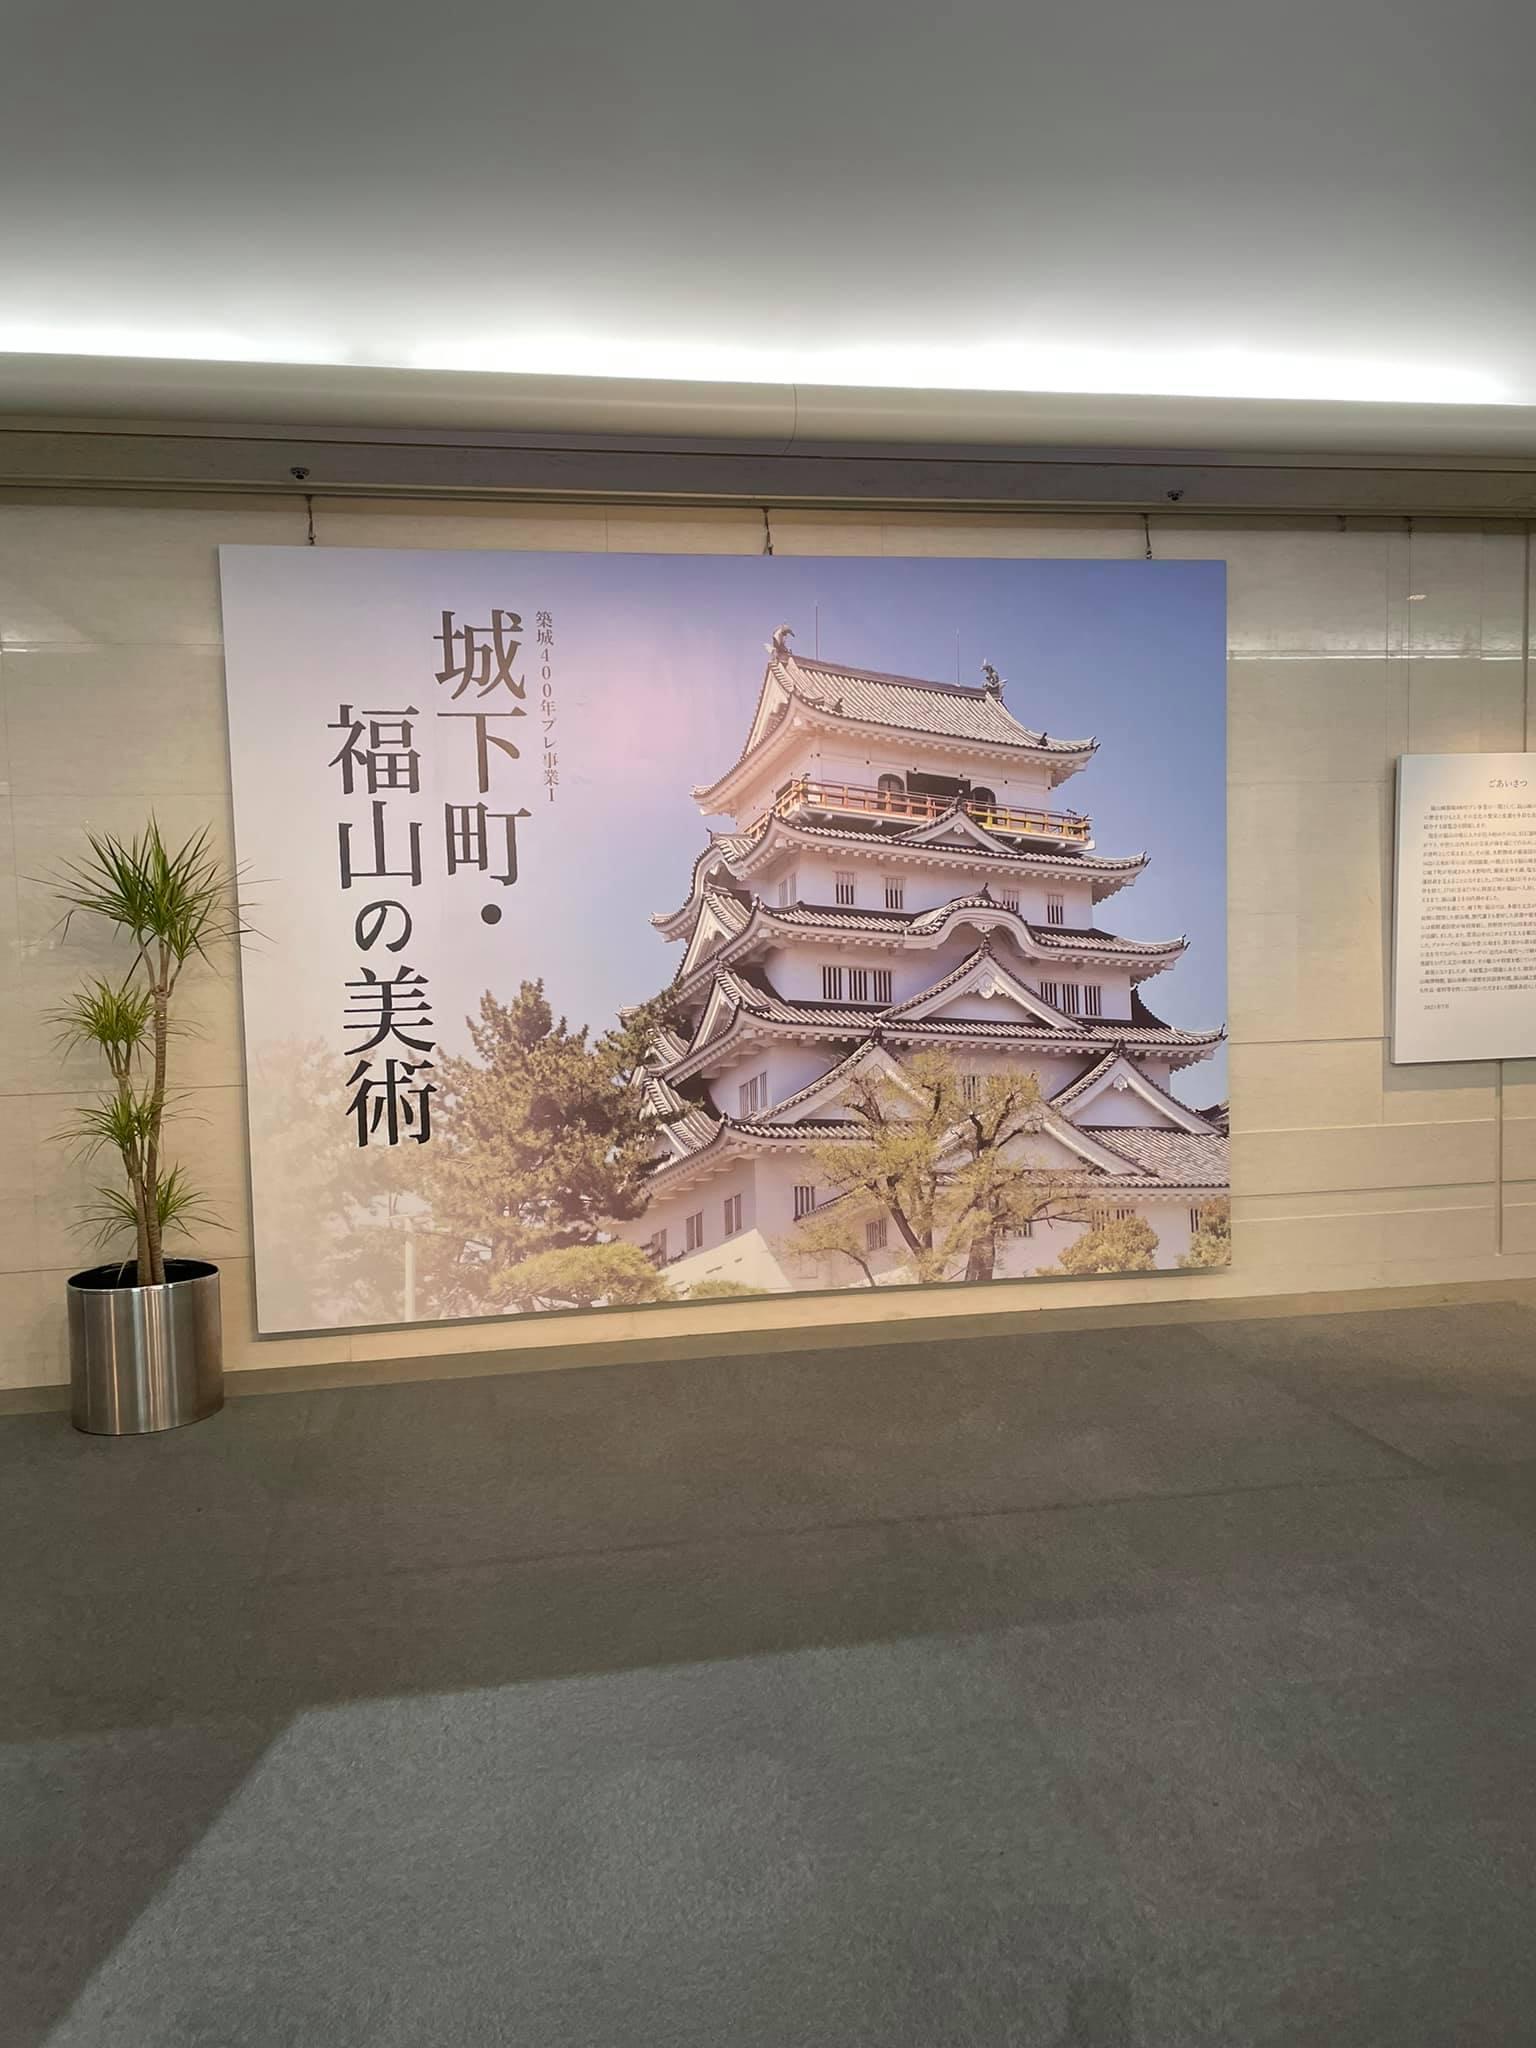 ふくやま美術館城下町福山の美術